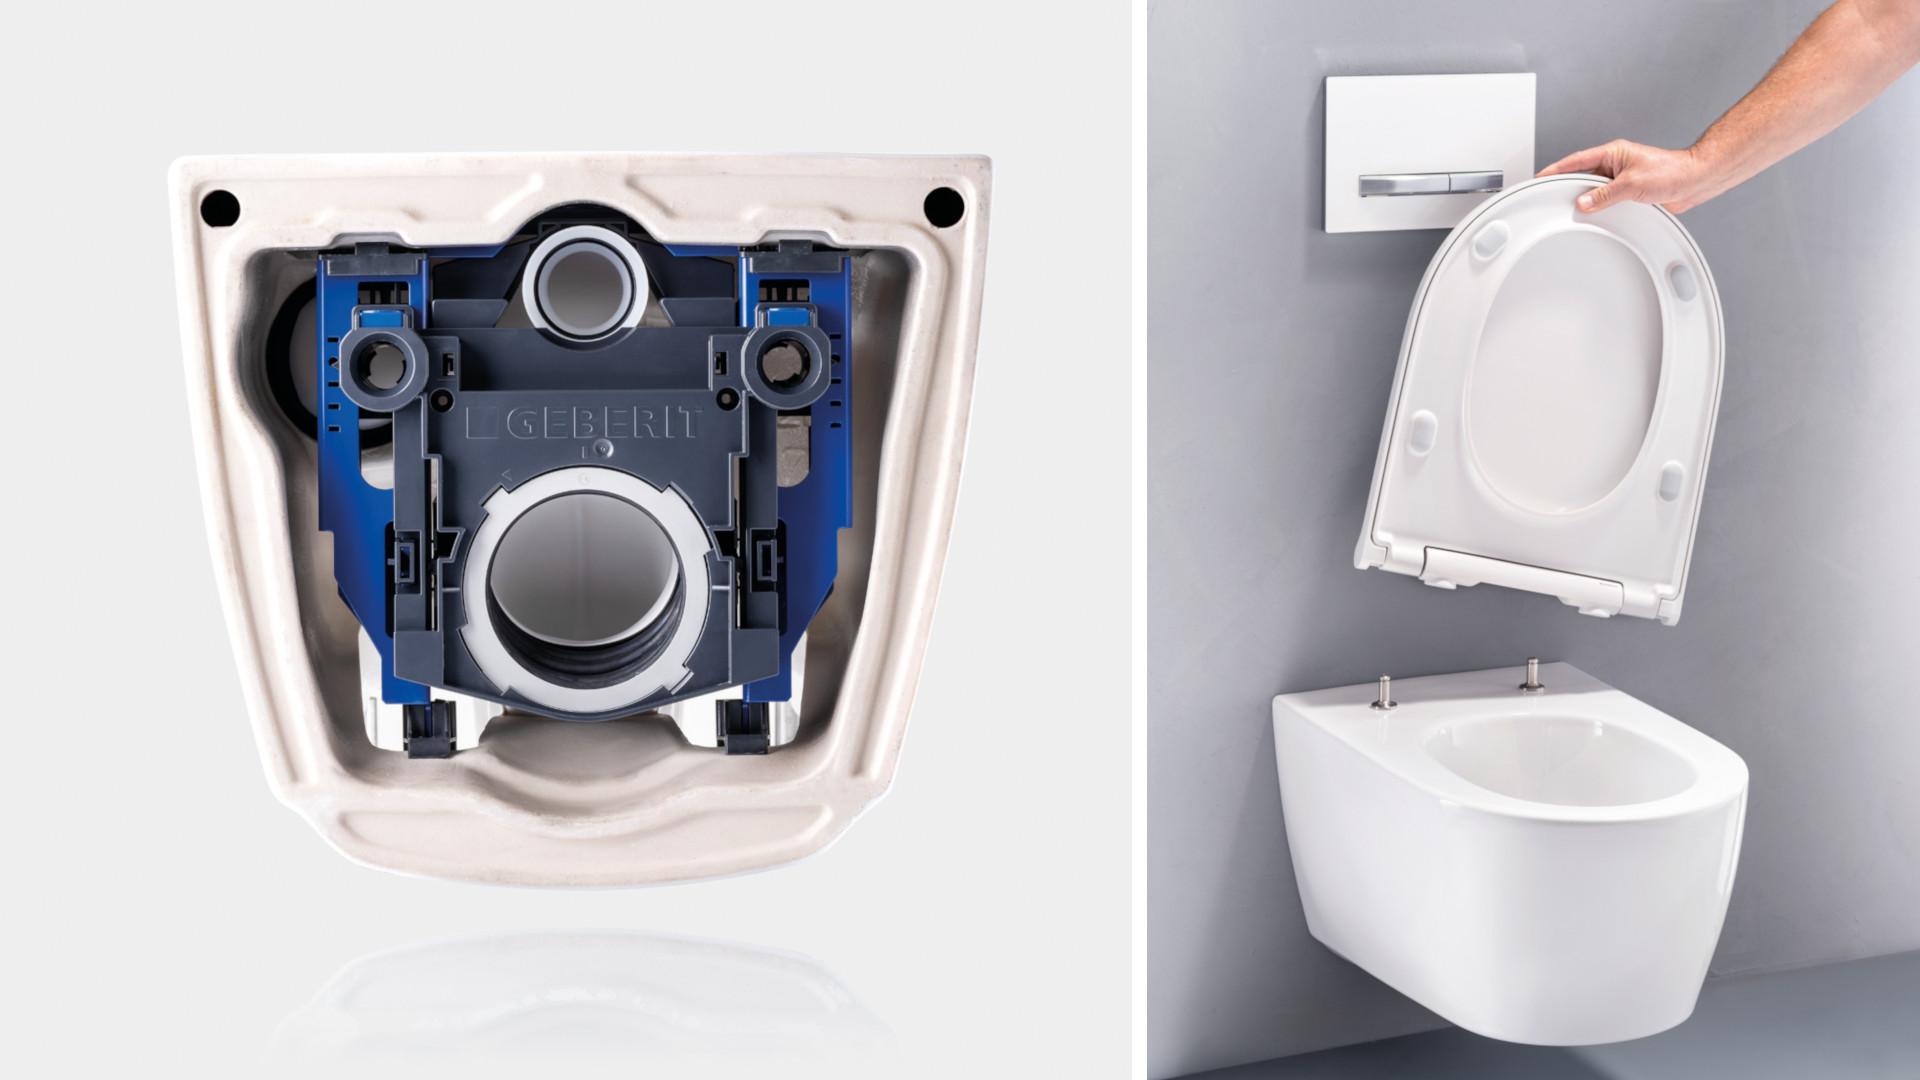 Geberit on Euroopassa saniteettialan markkinajohtaja, jolla on lähes 150 vuoden kokemus kylpyhuoneen saniteettitekniikasta.Vuosien aikana hankittua tietotaitoa käytetään hyödyksi esimerkiksi tänä vuonna lanseeratun Geberit ONE -wc-istuimen huippuun hiotuissa yksityiskohdissa ja asennustekniikassa.